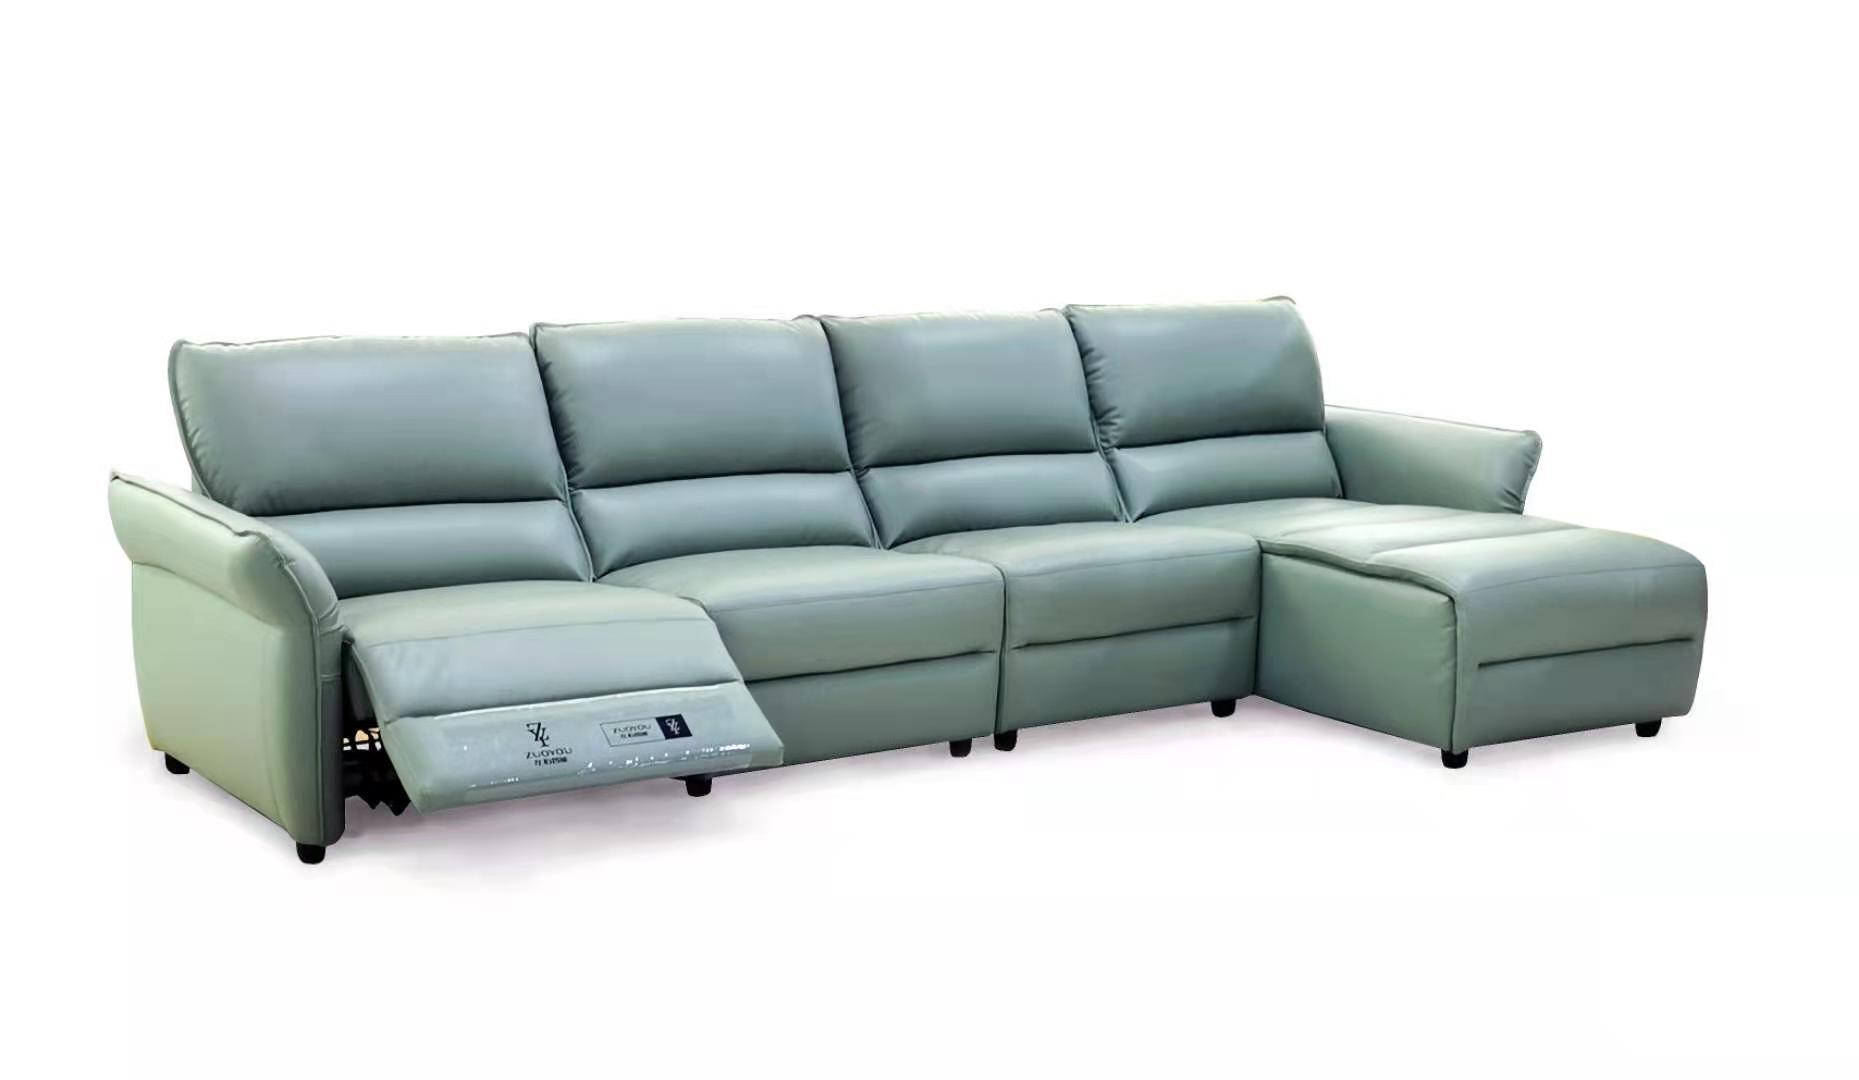 广州番禺去哪买到实惠又有品质的沙发?左右沙发?顾家沙发?芝华仕沙发?